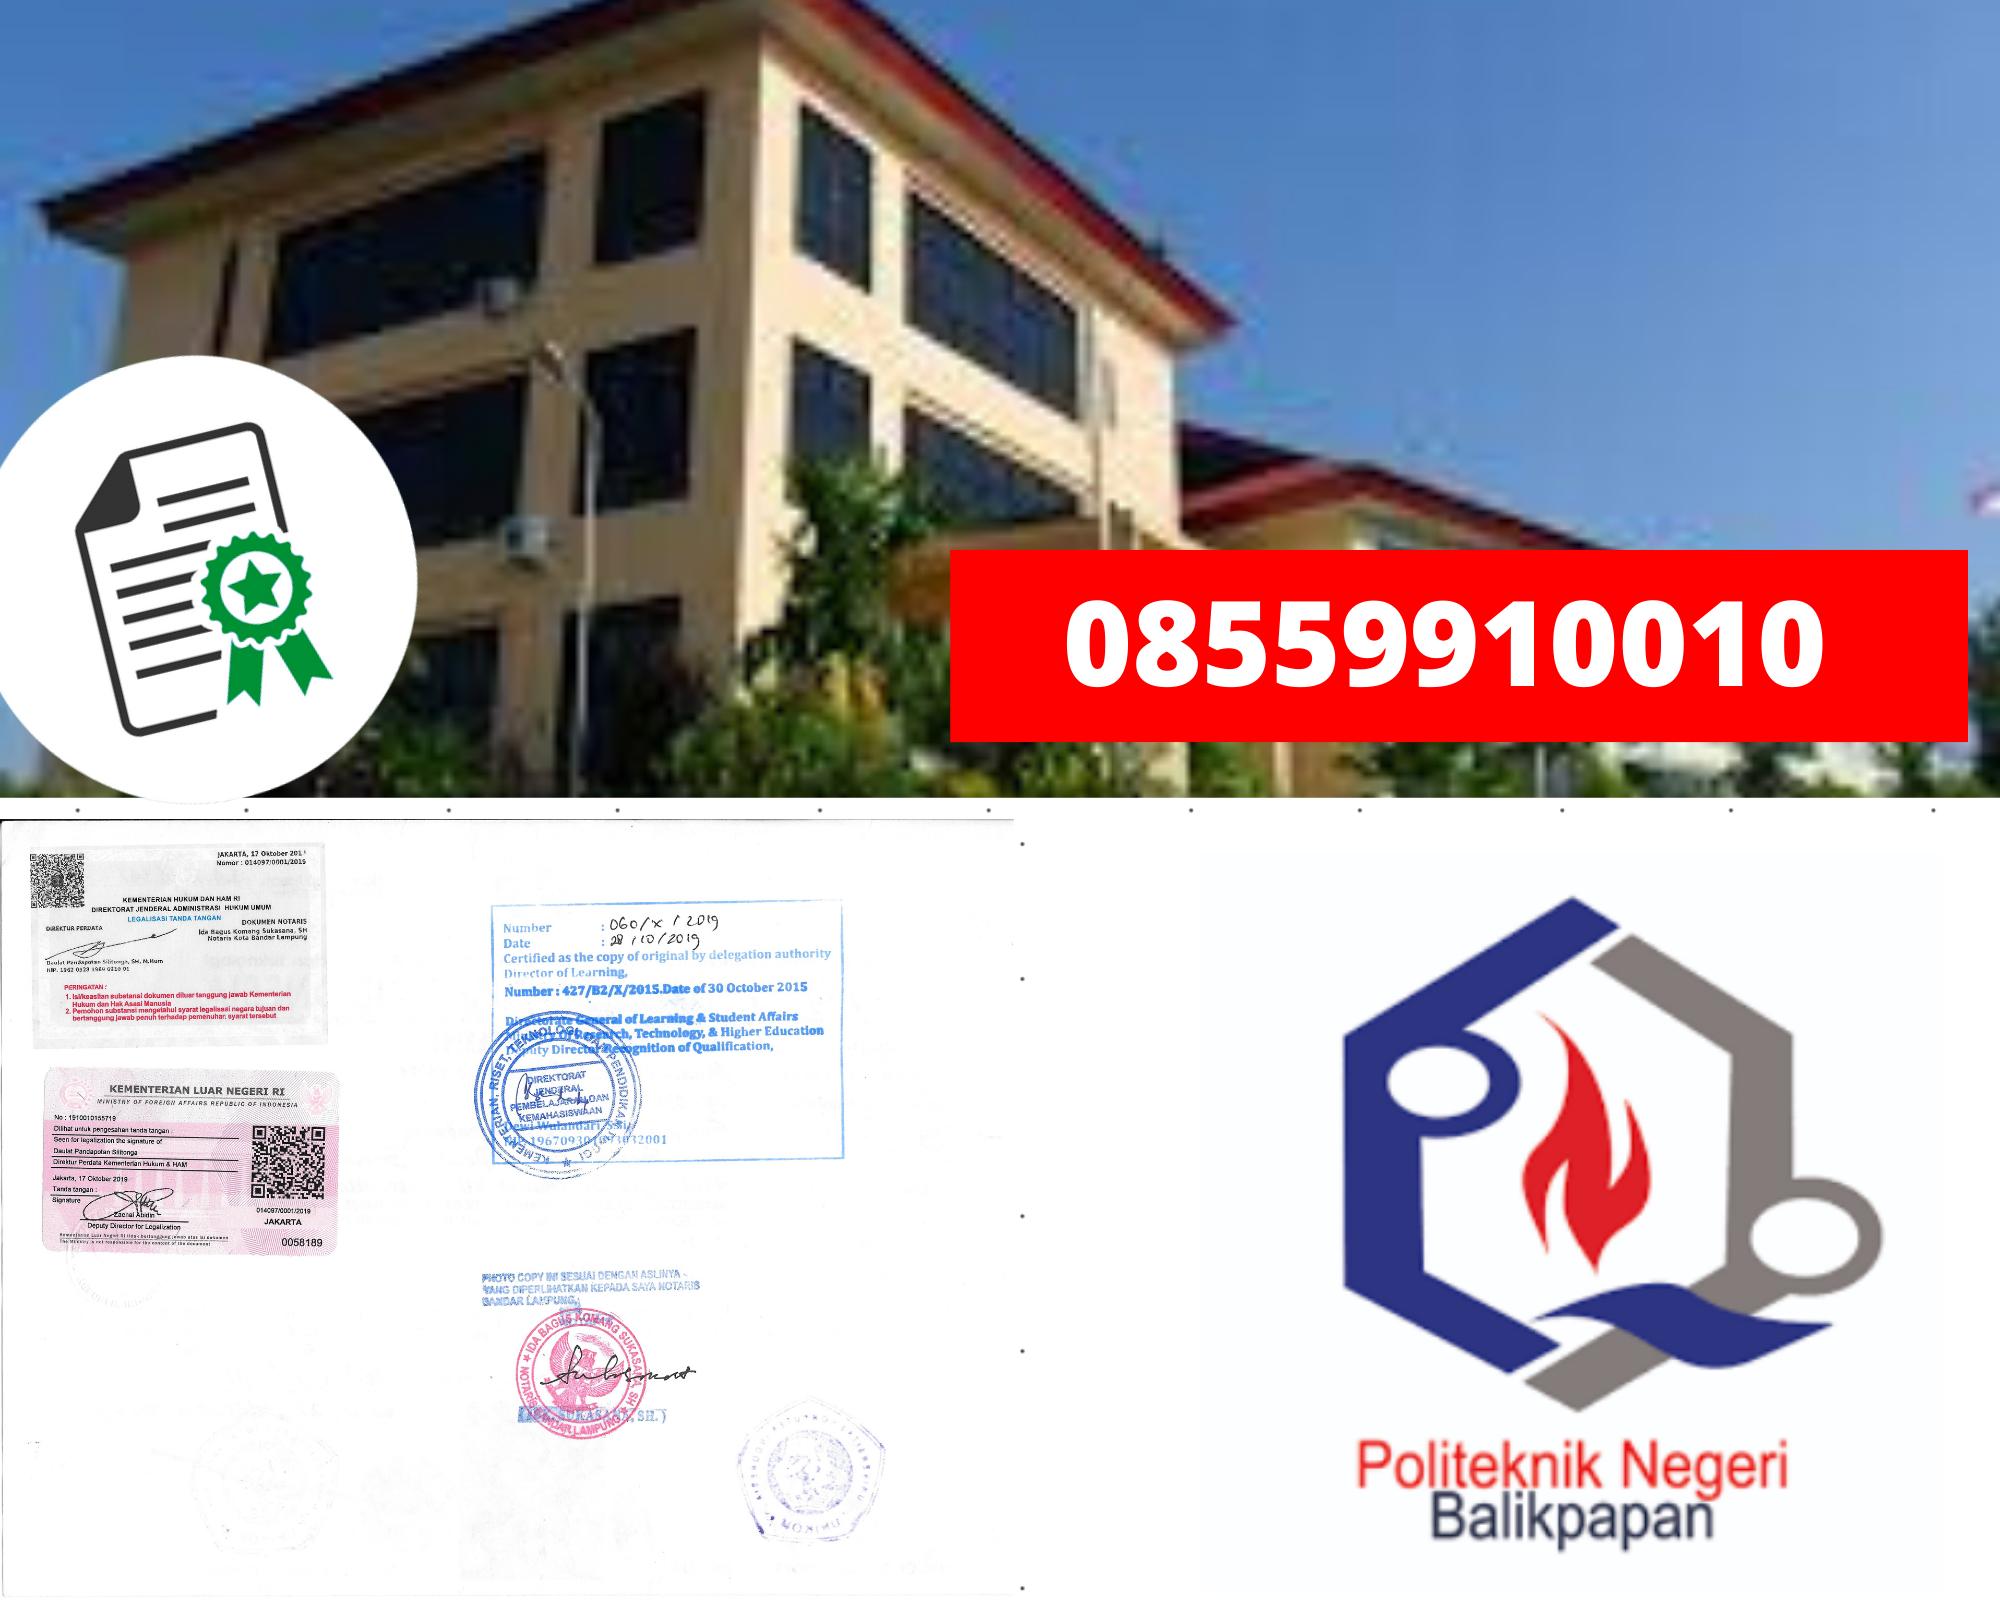 Legalisir politeknik Negeri Balikpapan Di Kemenristek Dikti || 08559910010